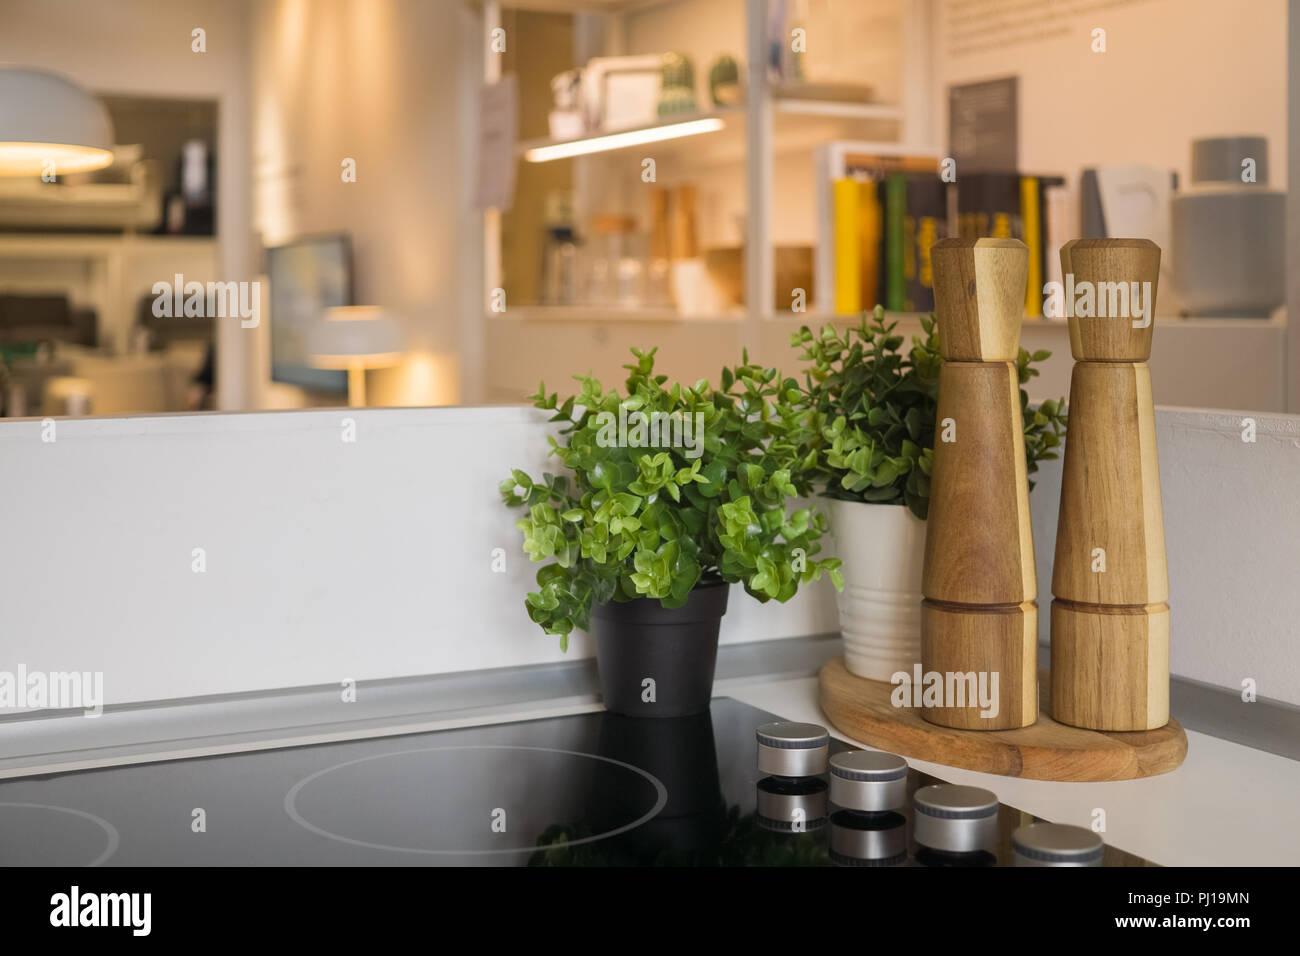 Moderne offene Küche mit Wohnbereich Stockfoto, Bild: 217617813 - Alamy